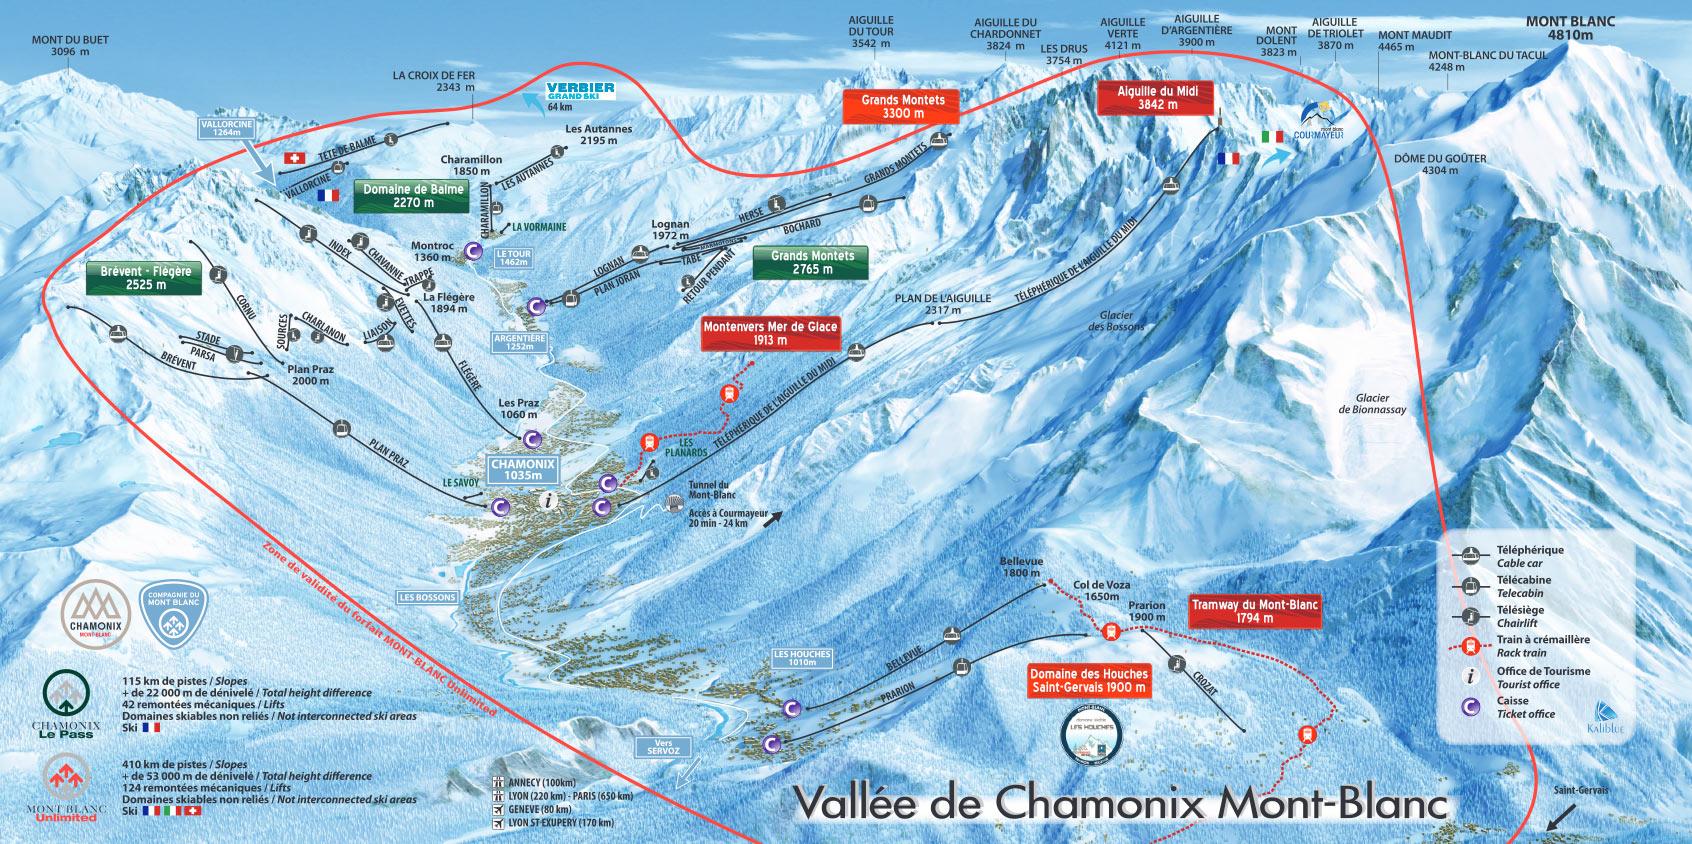 Mont Blanc France Map.Chamonix Piste Map Free Downloadable Ski Piste Maps